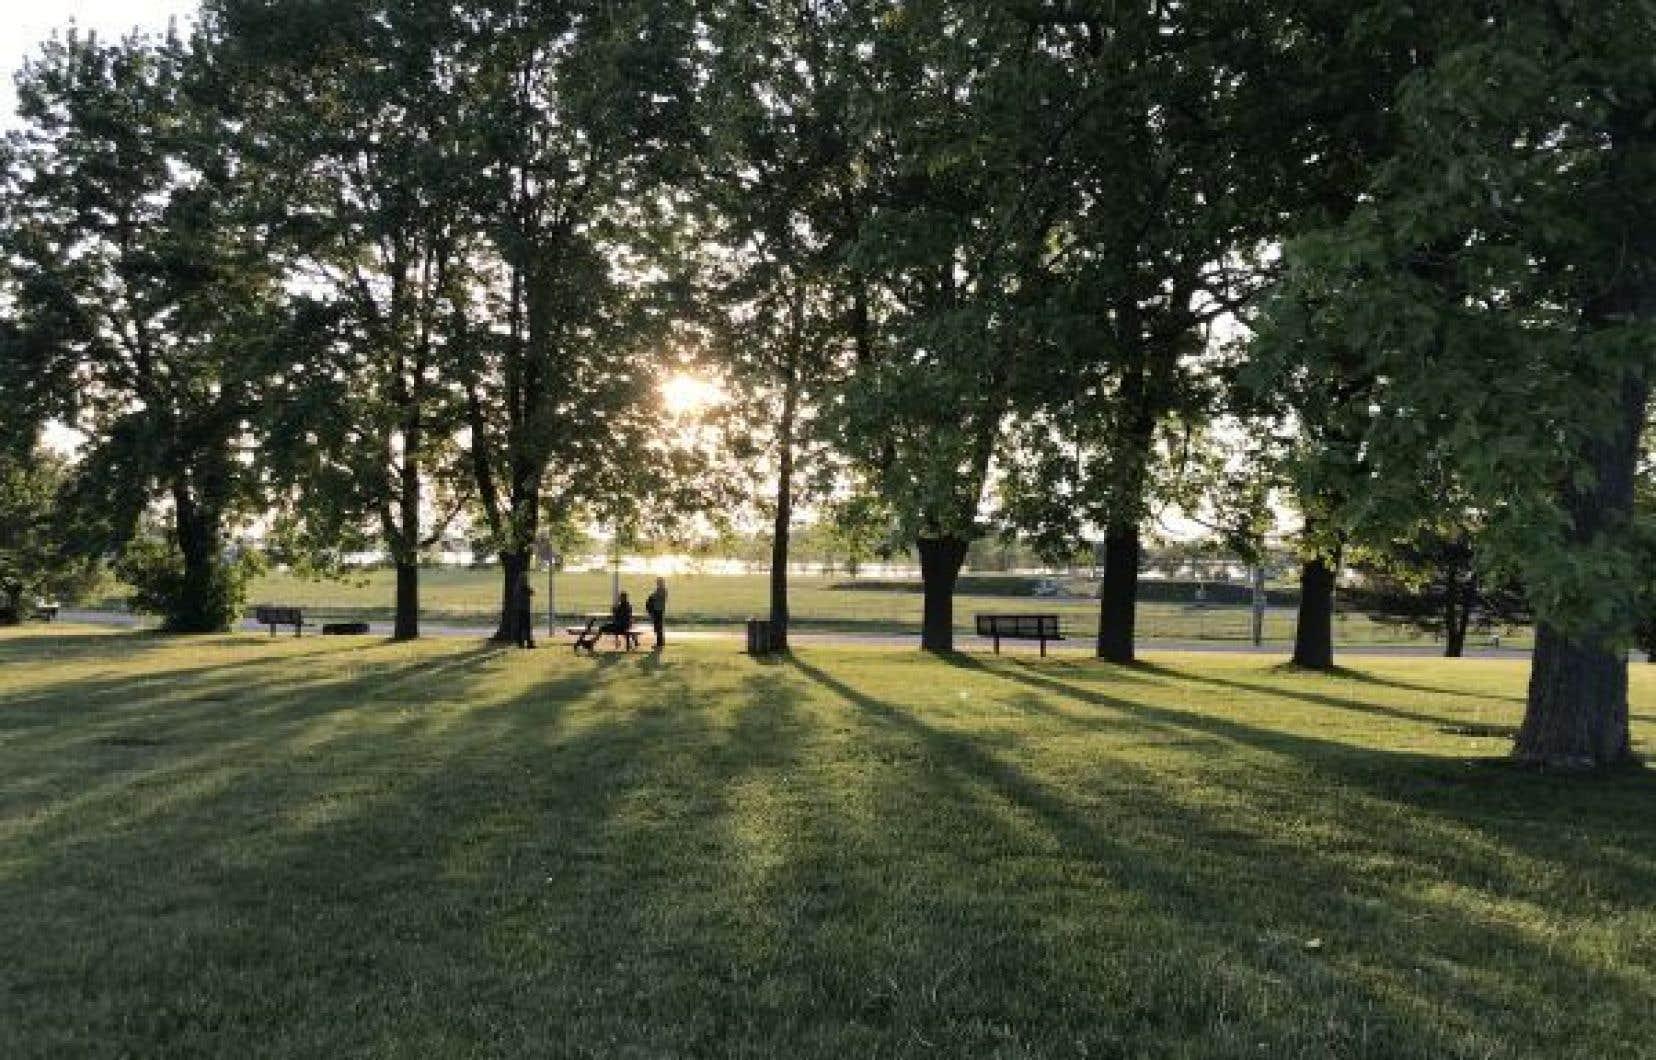 Le conseil municipal de Salaberry-de-Valleyfield a autorisé la vente de près des trois quarts de la superficie du parc des Mouettes au gouvernement, pour un montant de 2,6millions. Québec compte y construire une Maison des aînés.